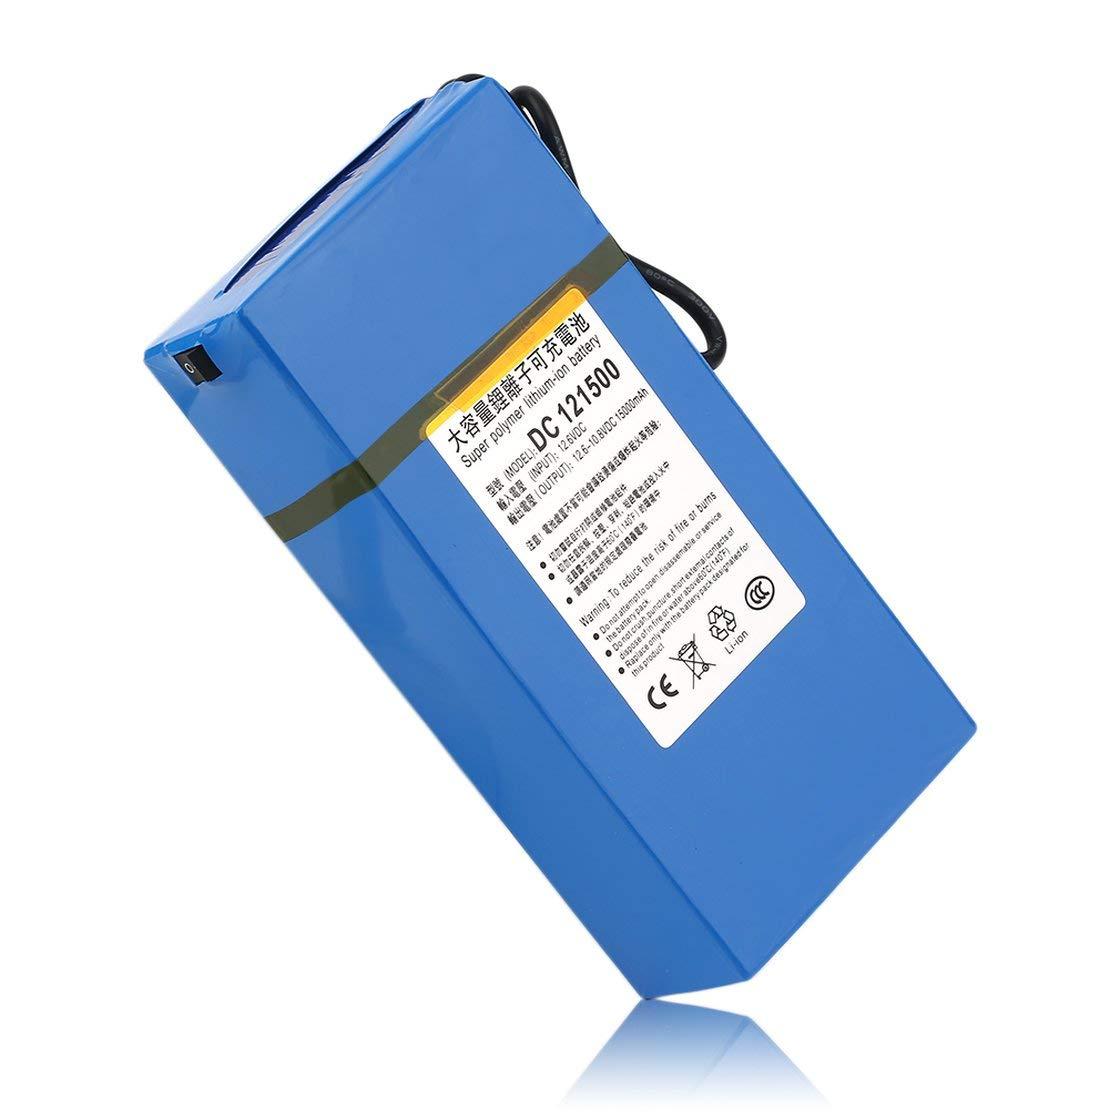 DC12V Super Strong 15000MAH Batería Litio Recargable de Ion de Litio Batería de Respaldo de batería de Iones de Litio Potente para la cámara CCTV Transmisor inalámbrico 0dc04a